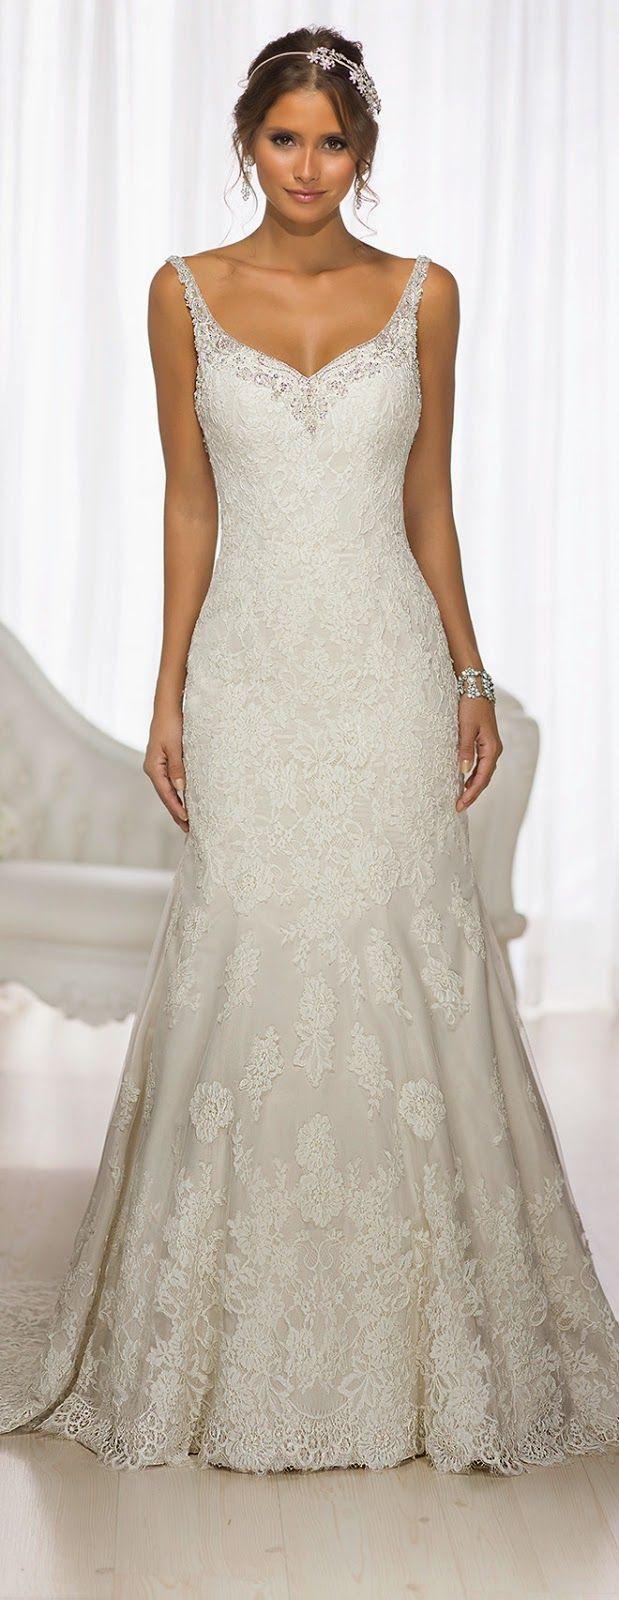 Mariage - Mermaid Wedding Dress By